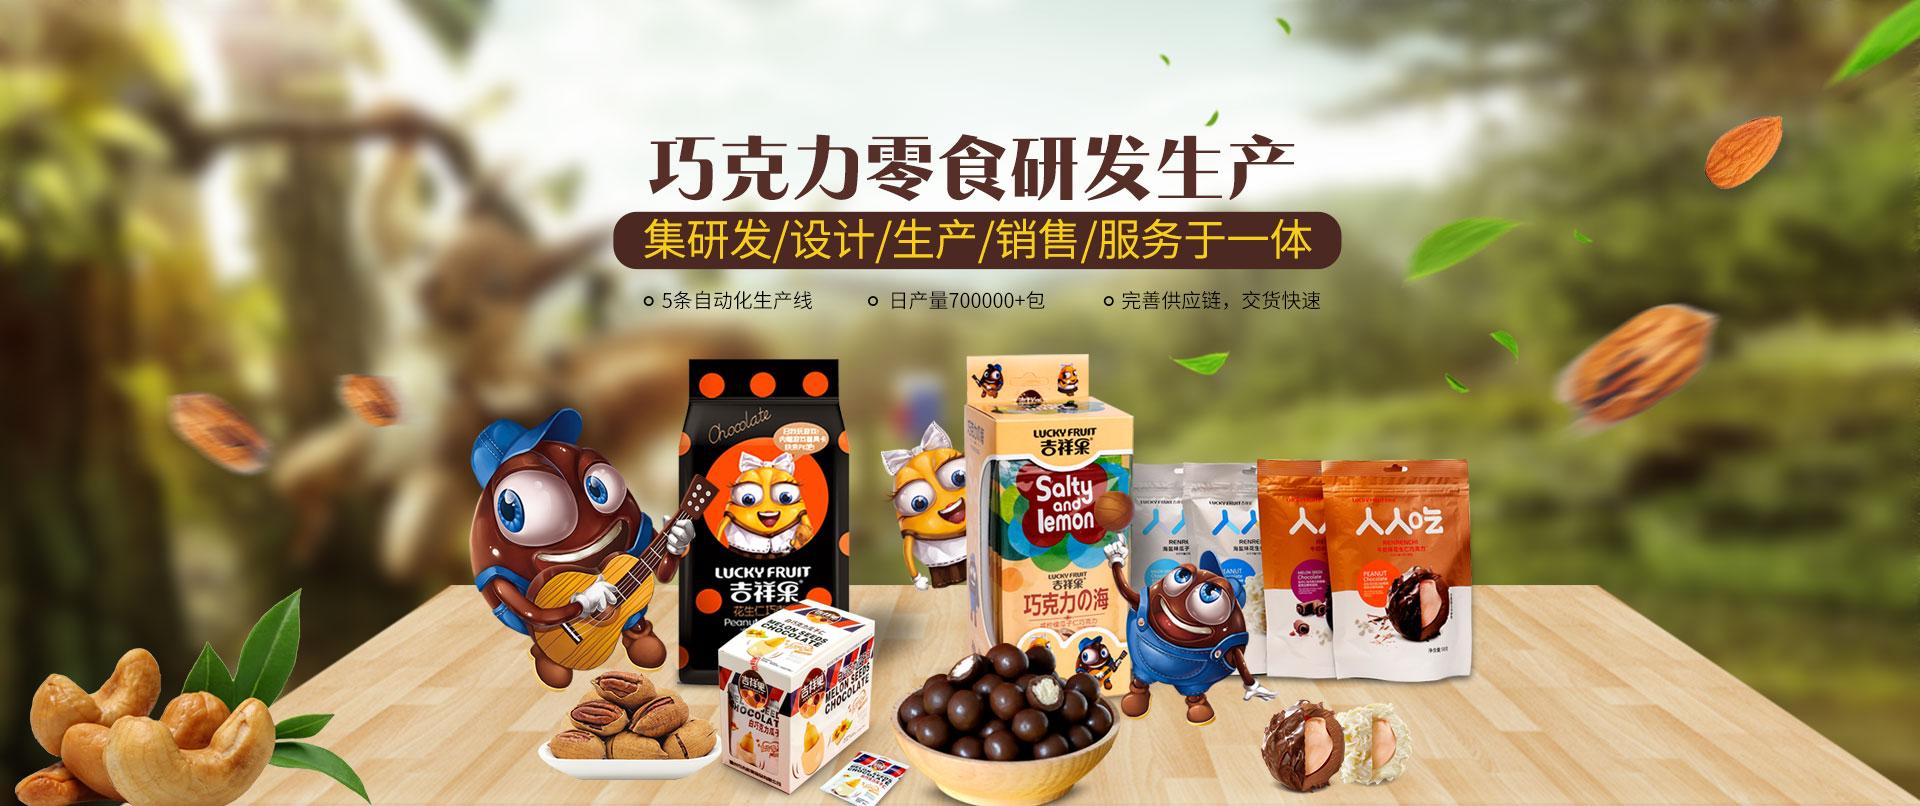 吉祥果-专注巧克力零食研发设计生产